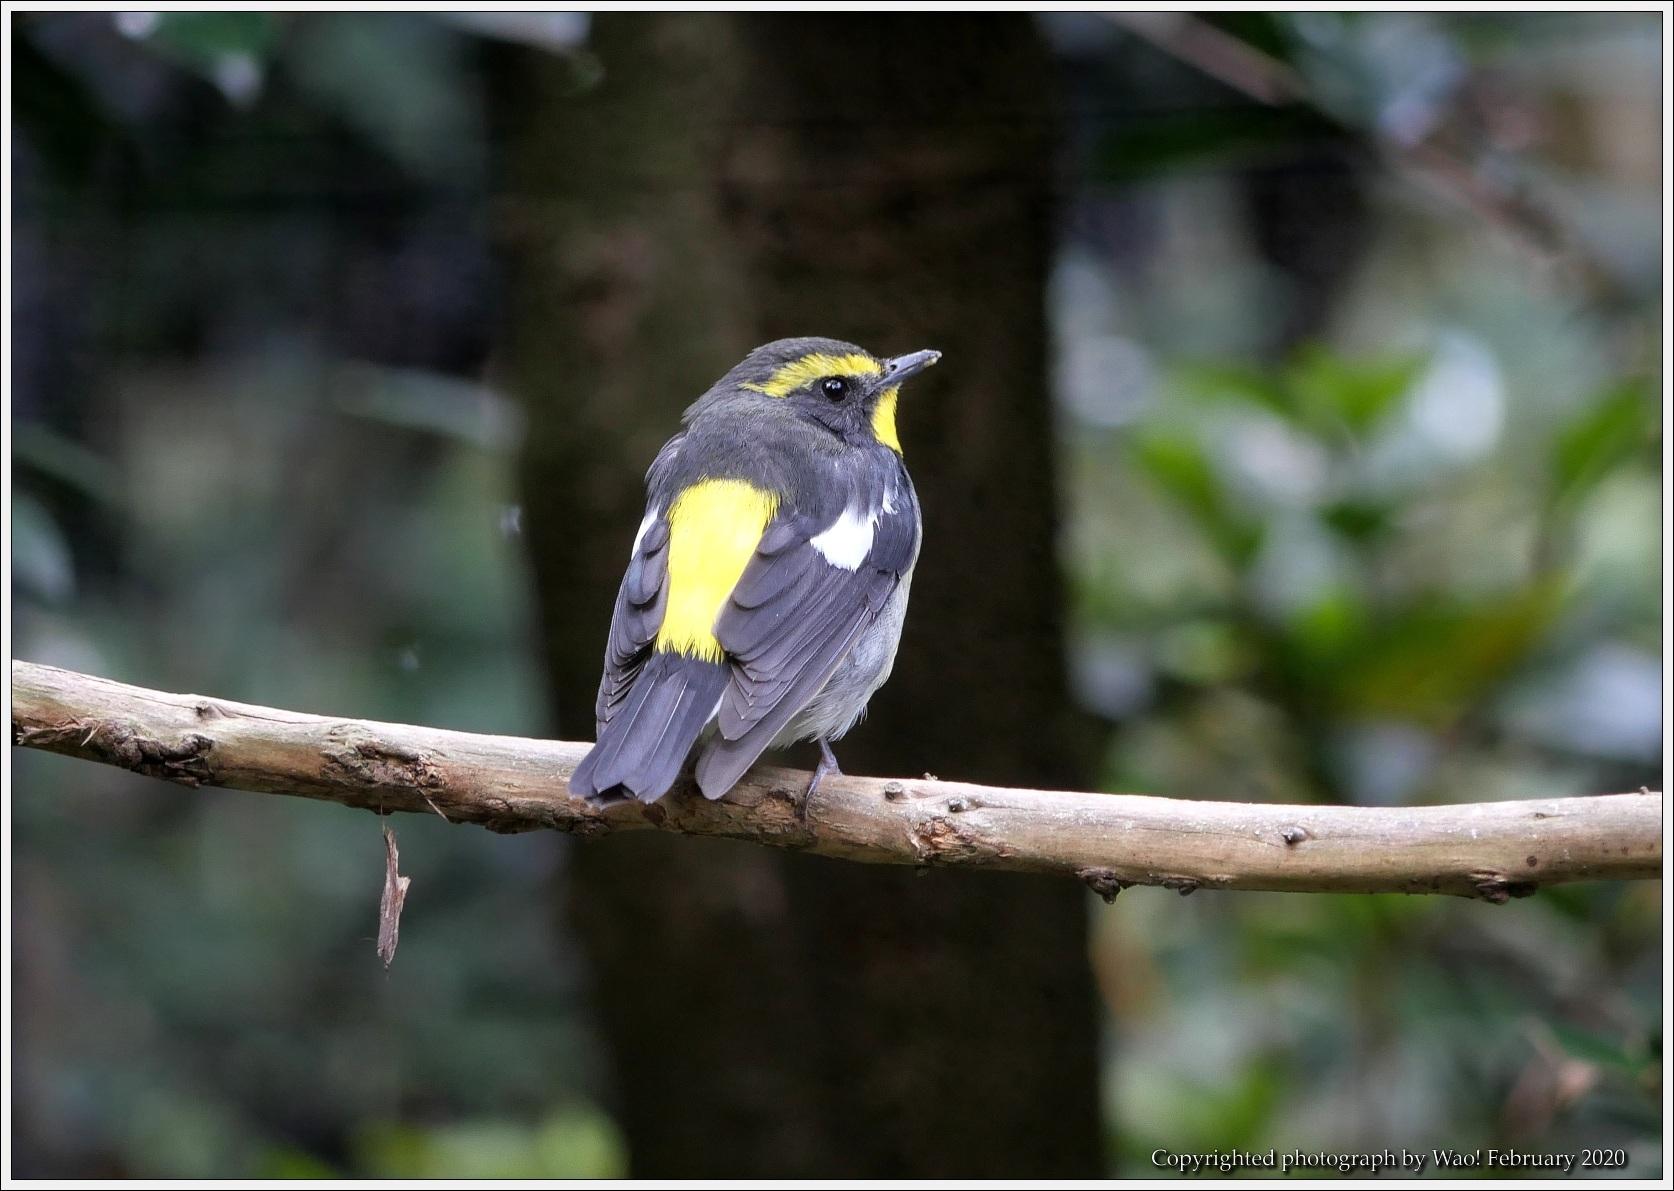 野鳥園のルリ・コマ・キビタキ_c0198669_15524432.jpg